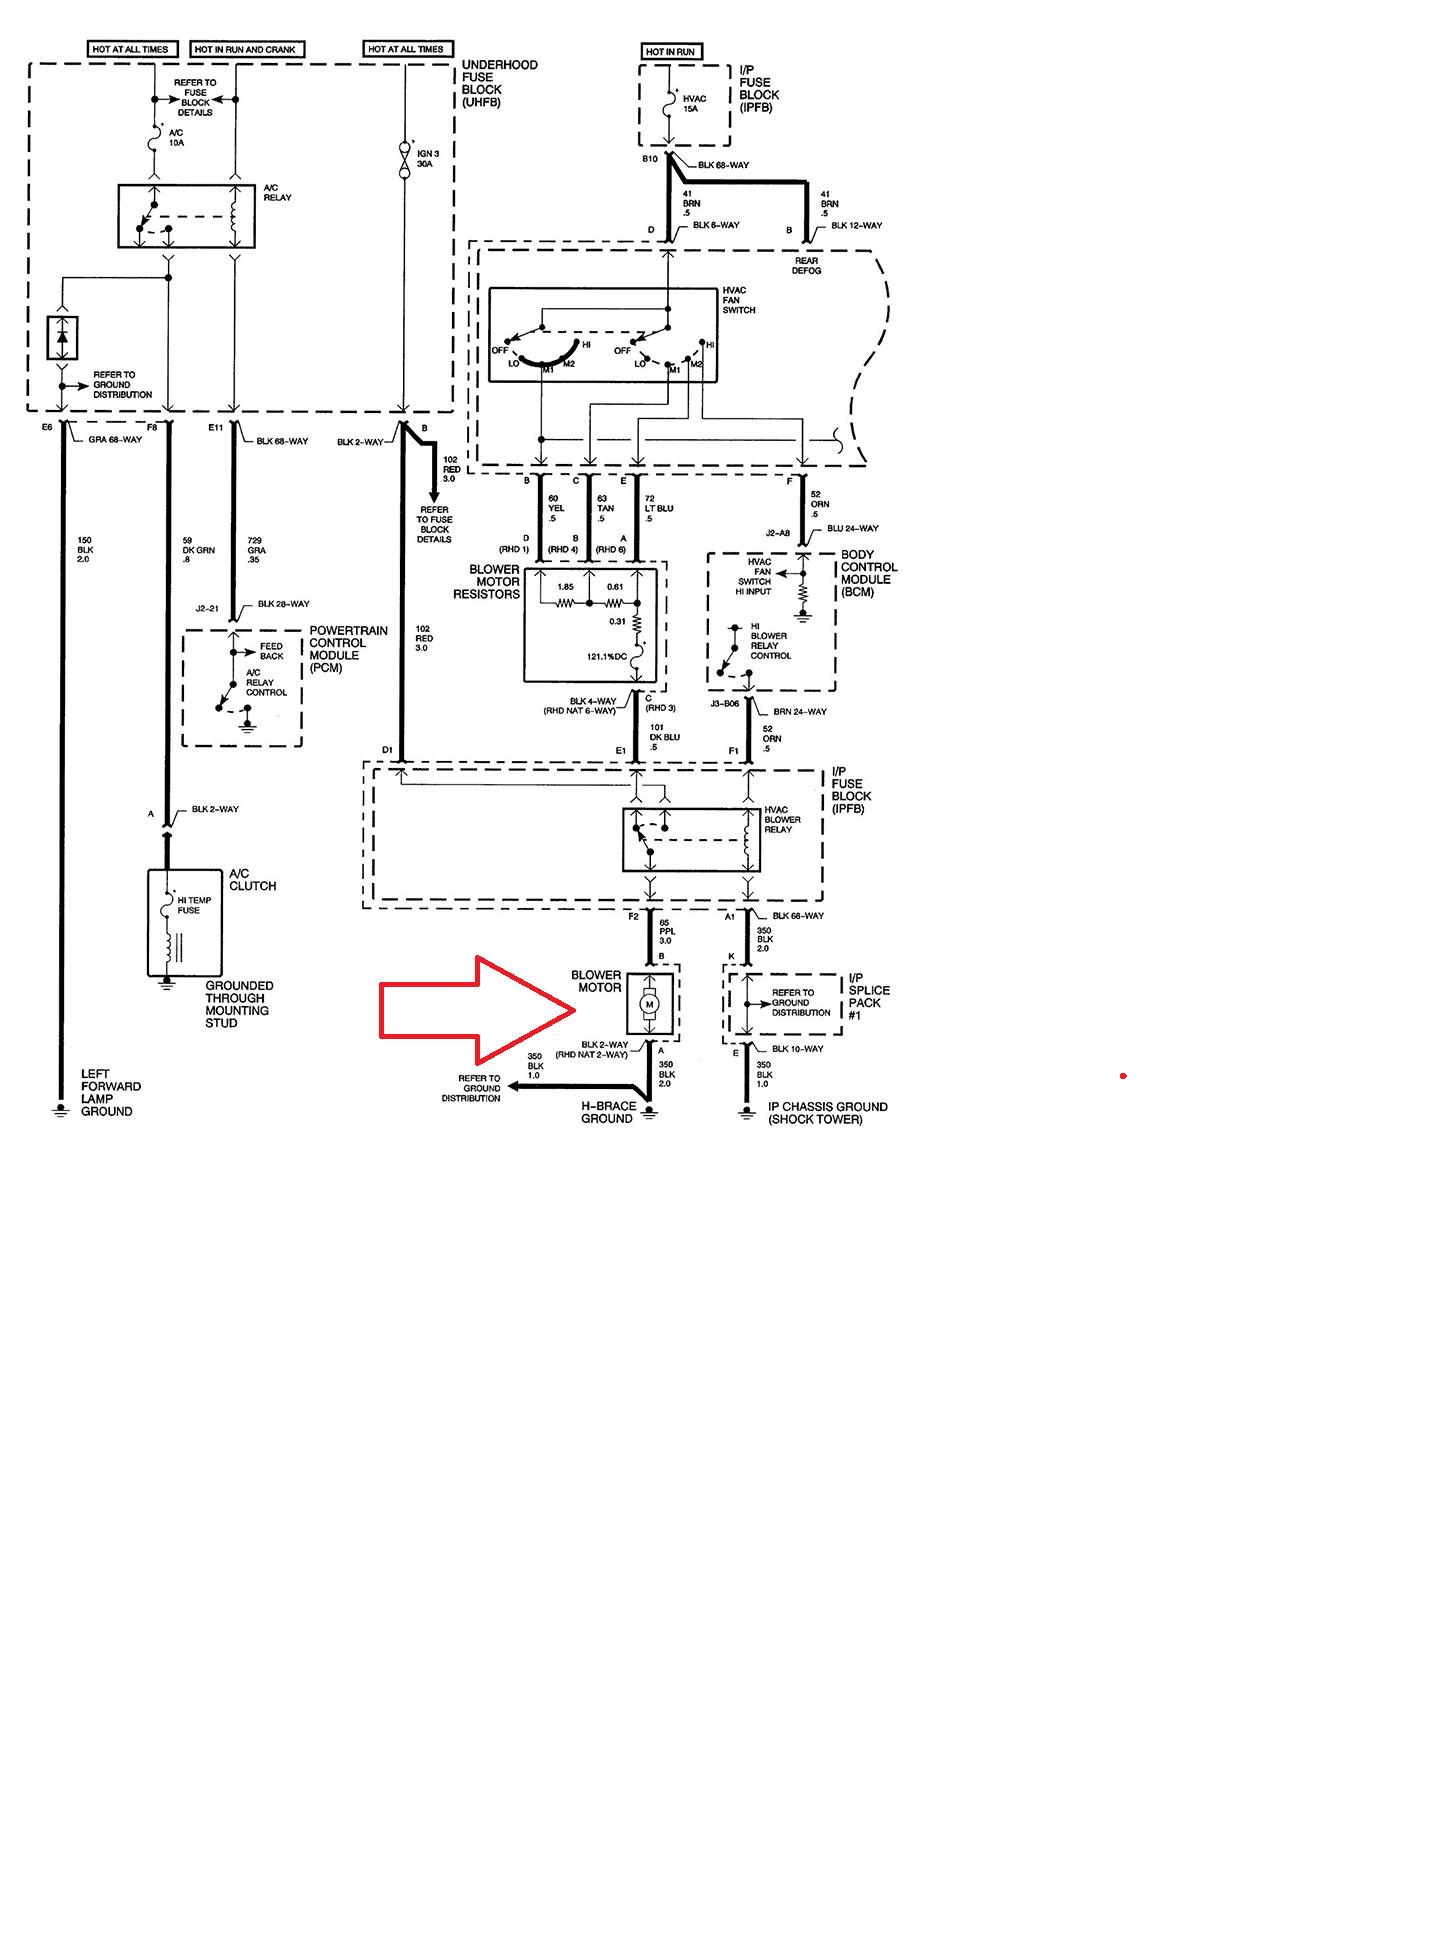 2003 Saturn Vue Radio Wiring